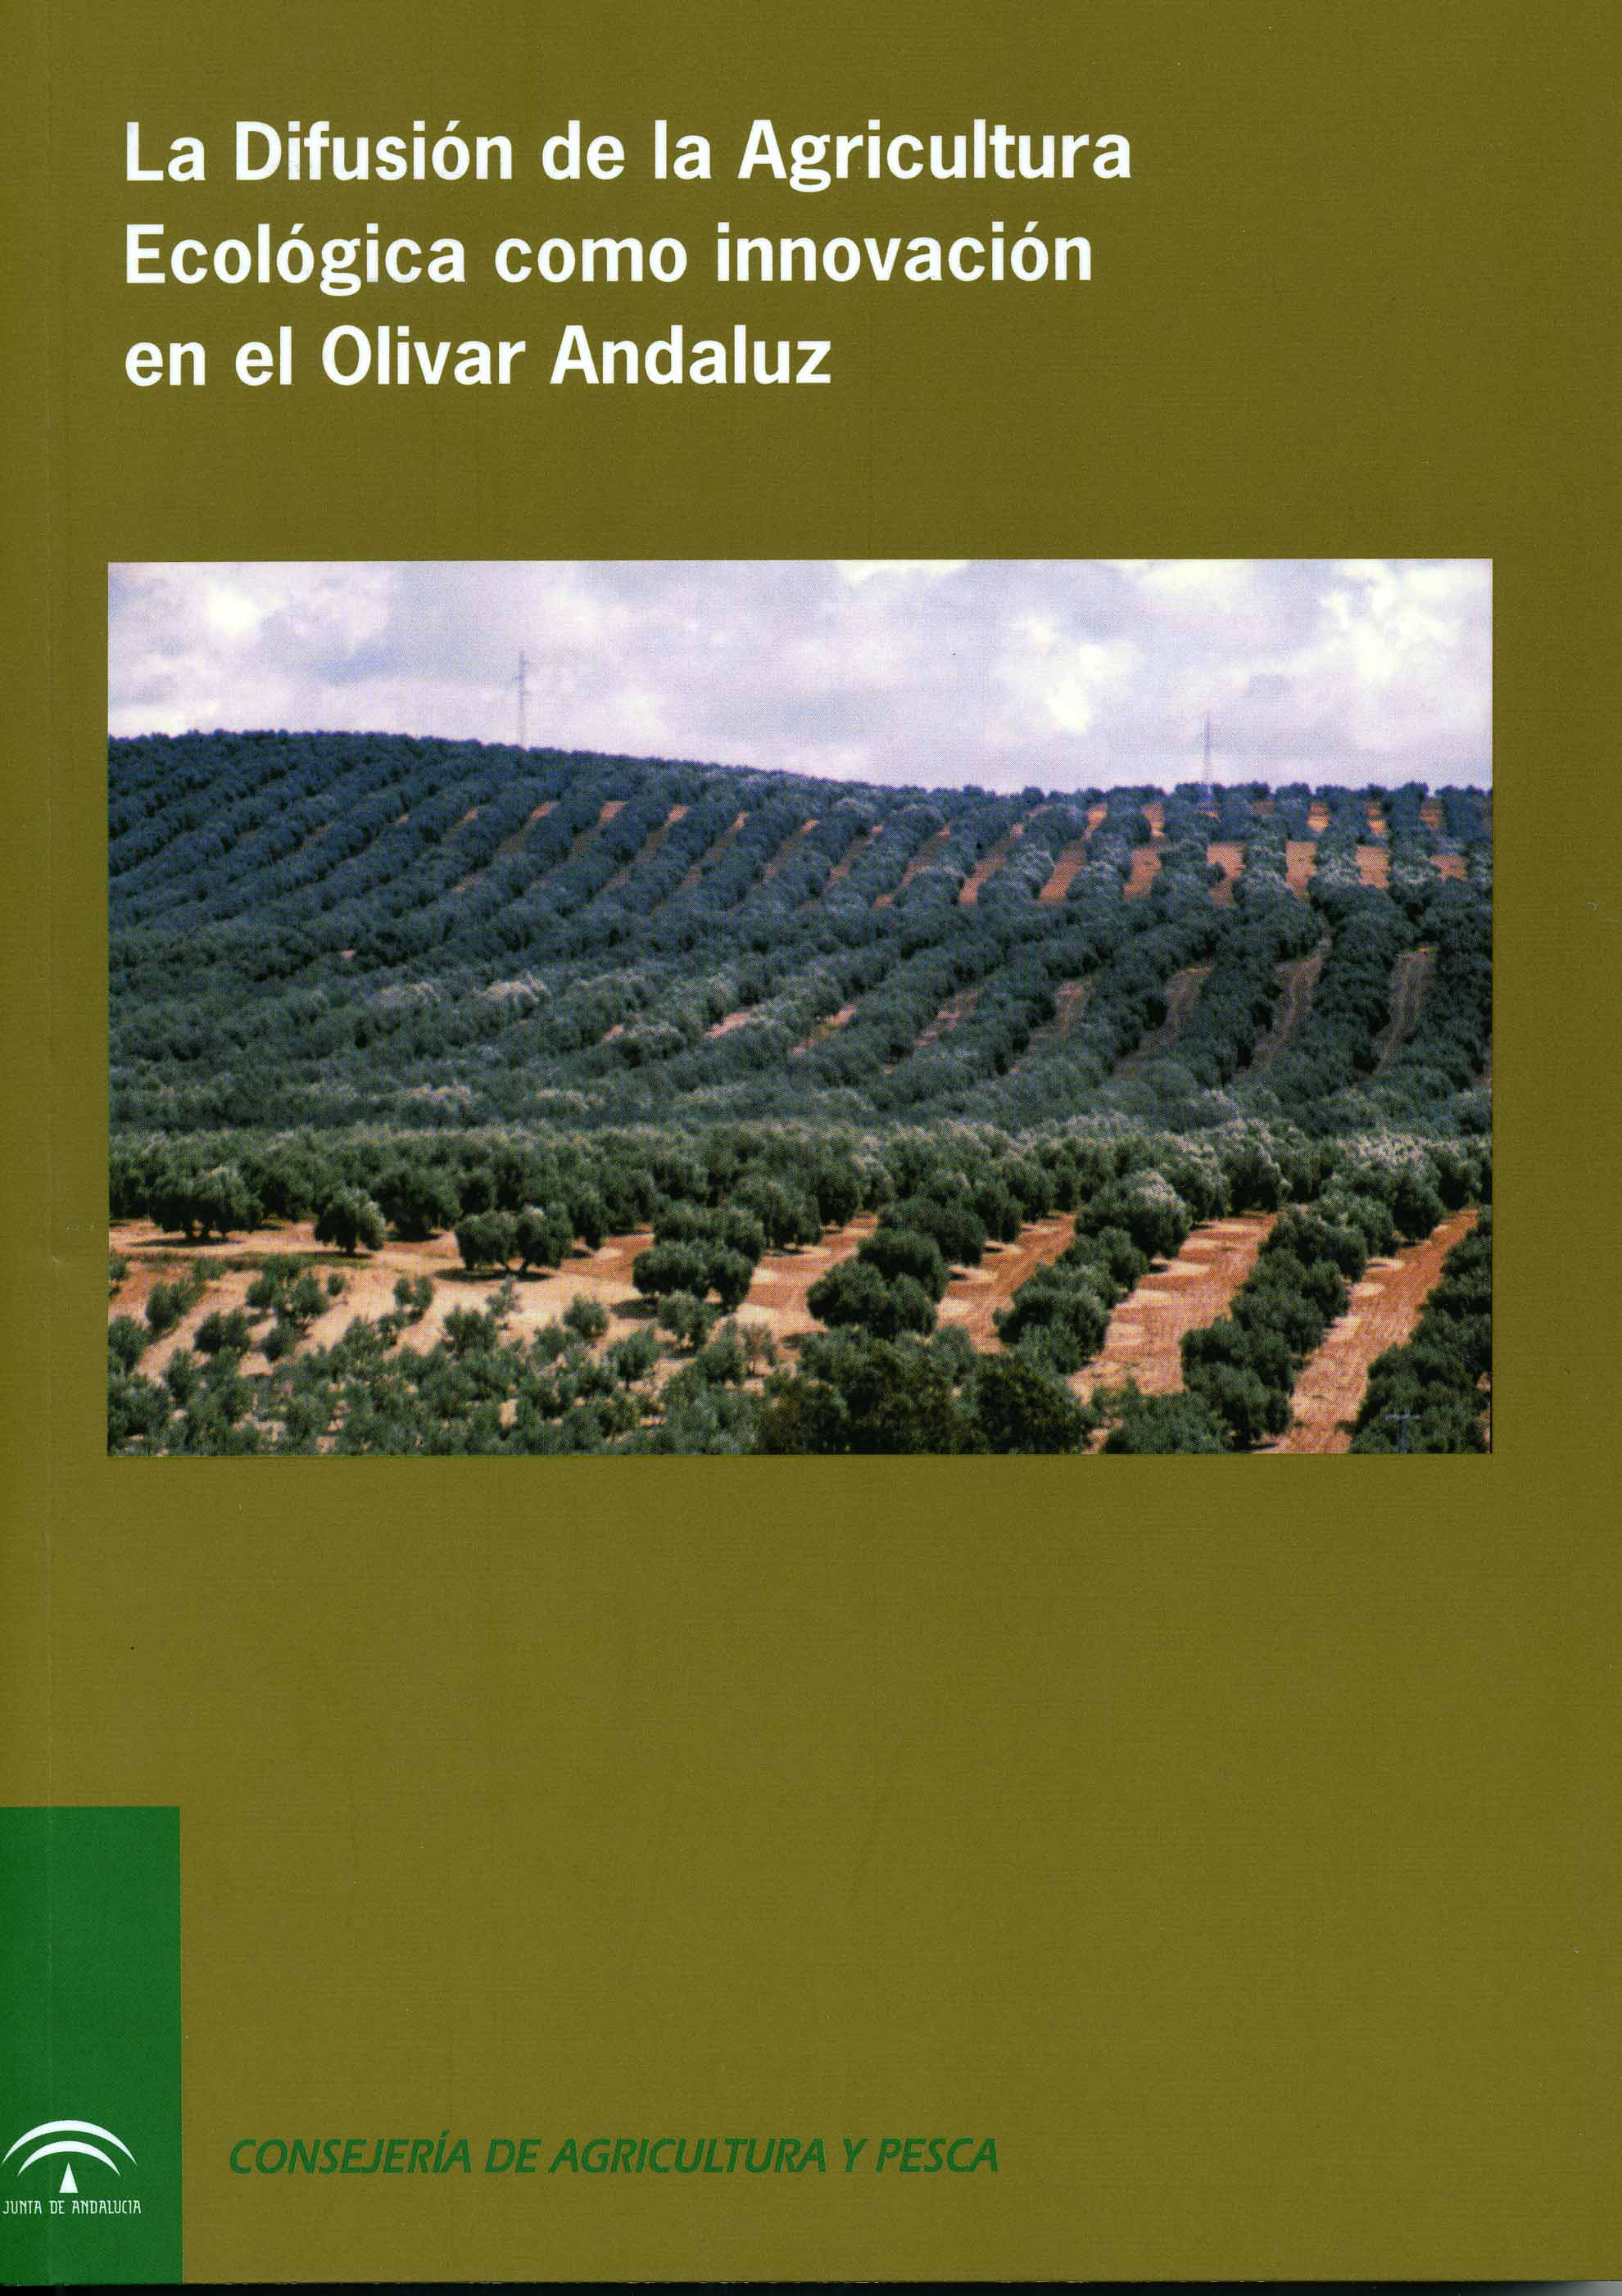 Cover of La difusión de la agricultura ecológica como innovación en el olivar andaluz